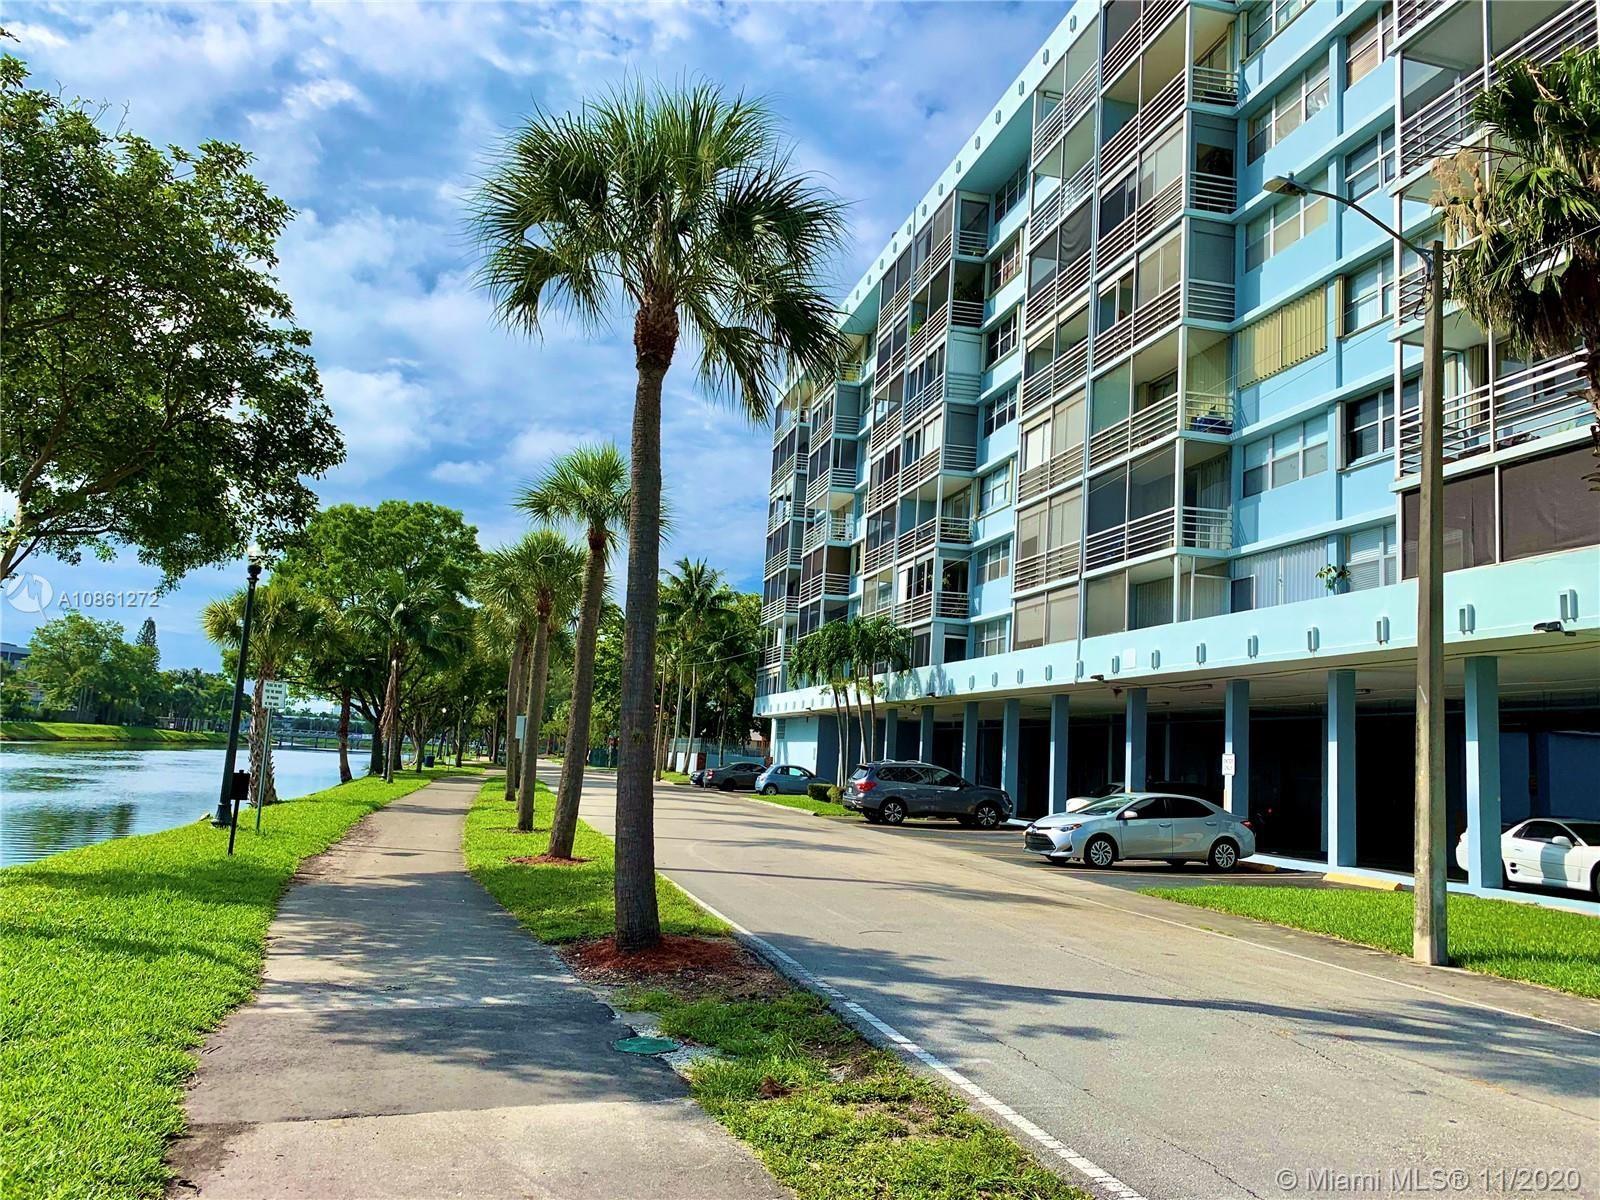 16850 S Glades Dr #2D, North Miami Beach, FL 33162 - #: A10861272